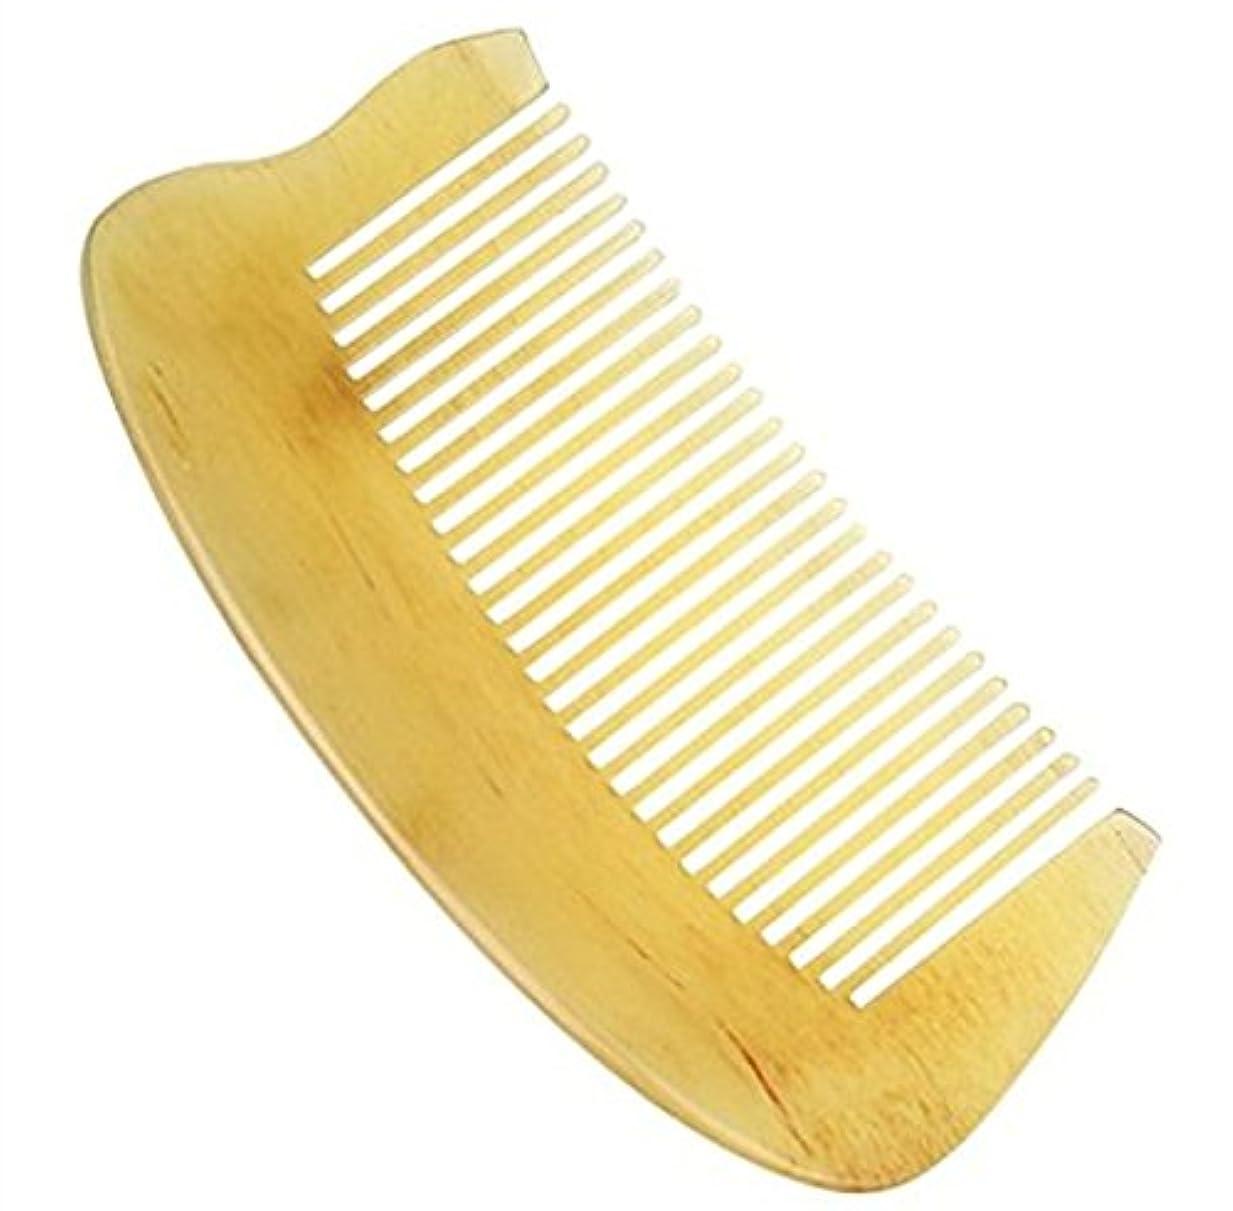 精巧な素人メアリアンジョーンズ櫛型 プロも使う羊角かっさプレート マサージ用 血行改善 高級 天然 静電気 防止 美髪